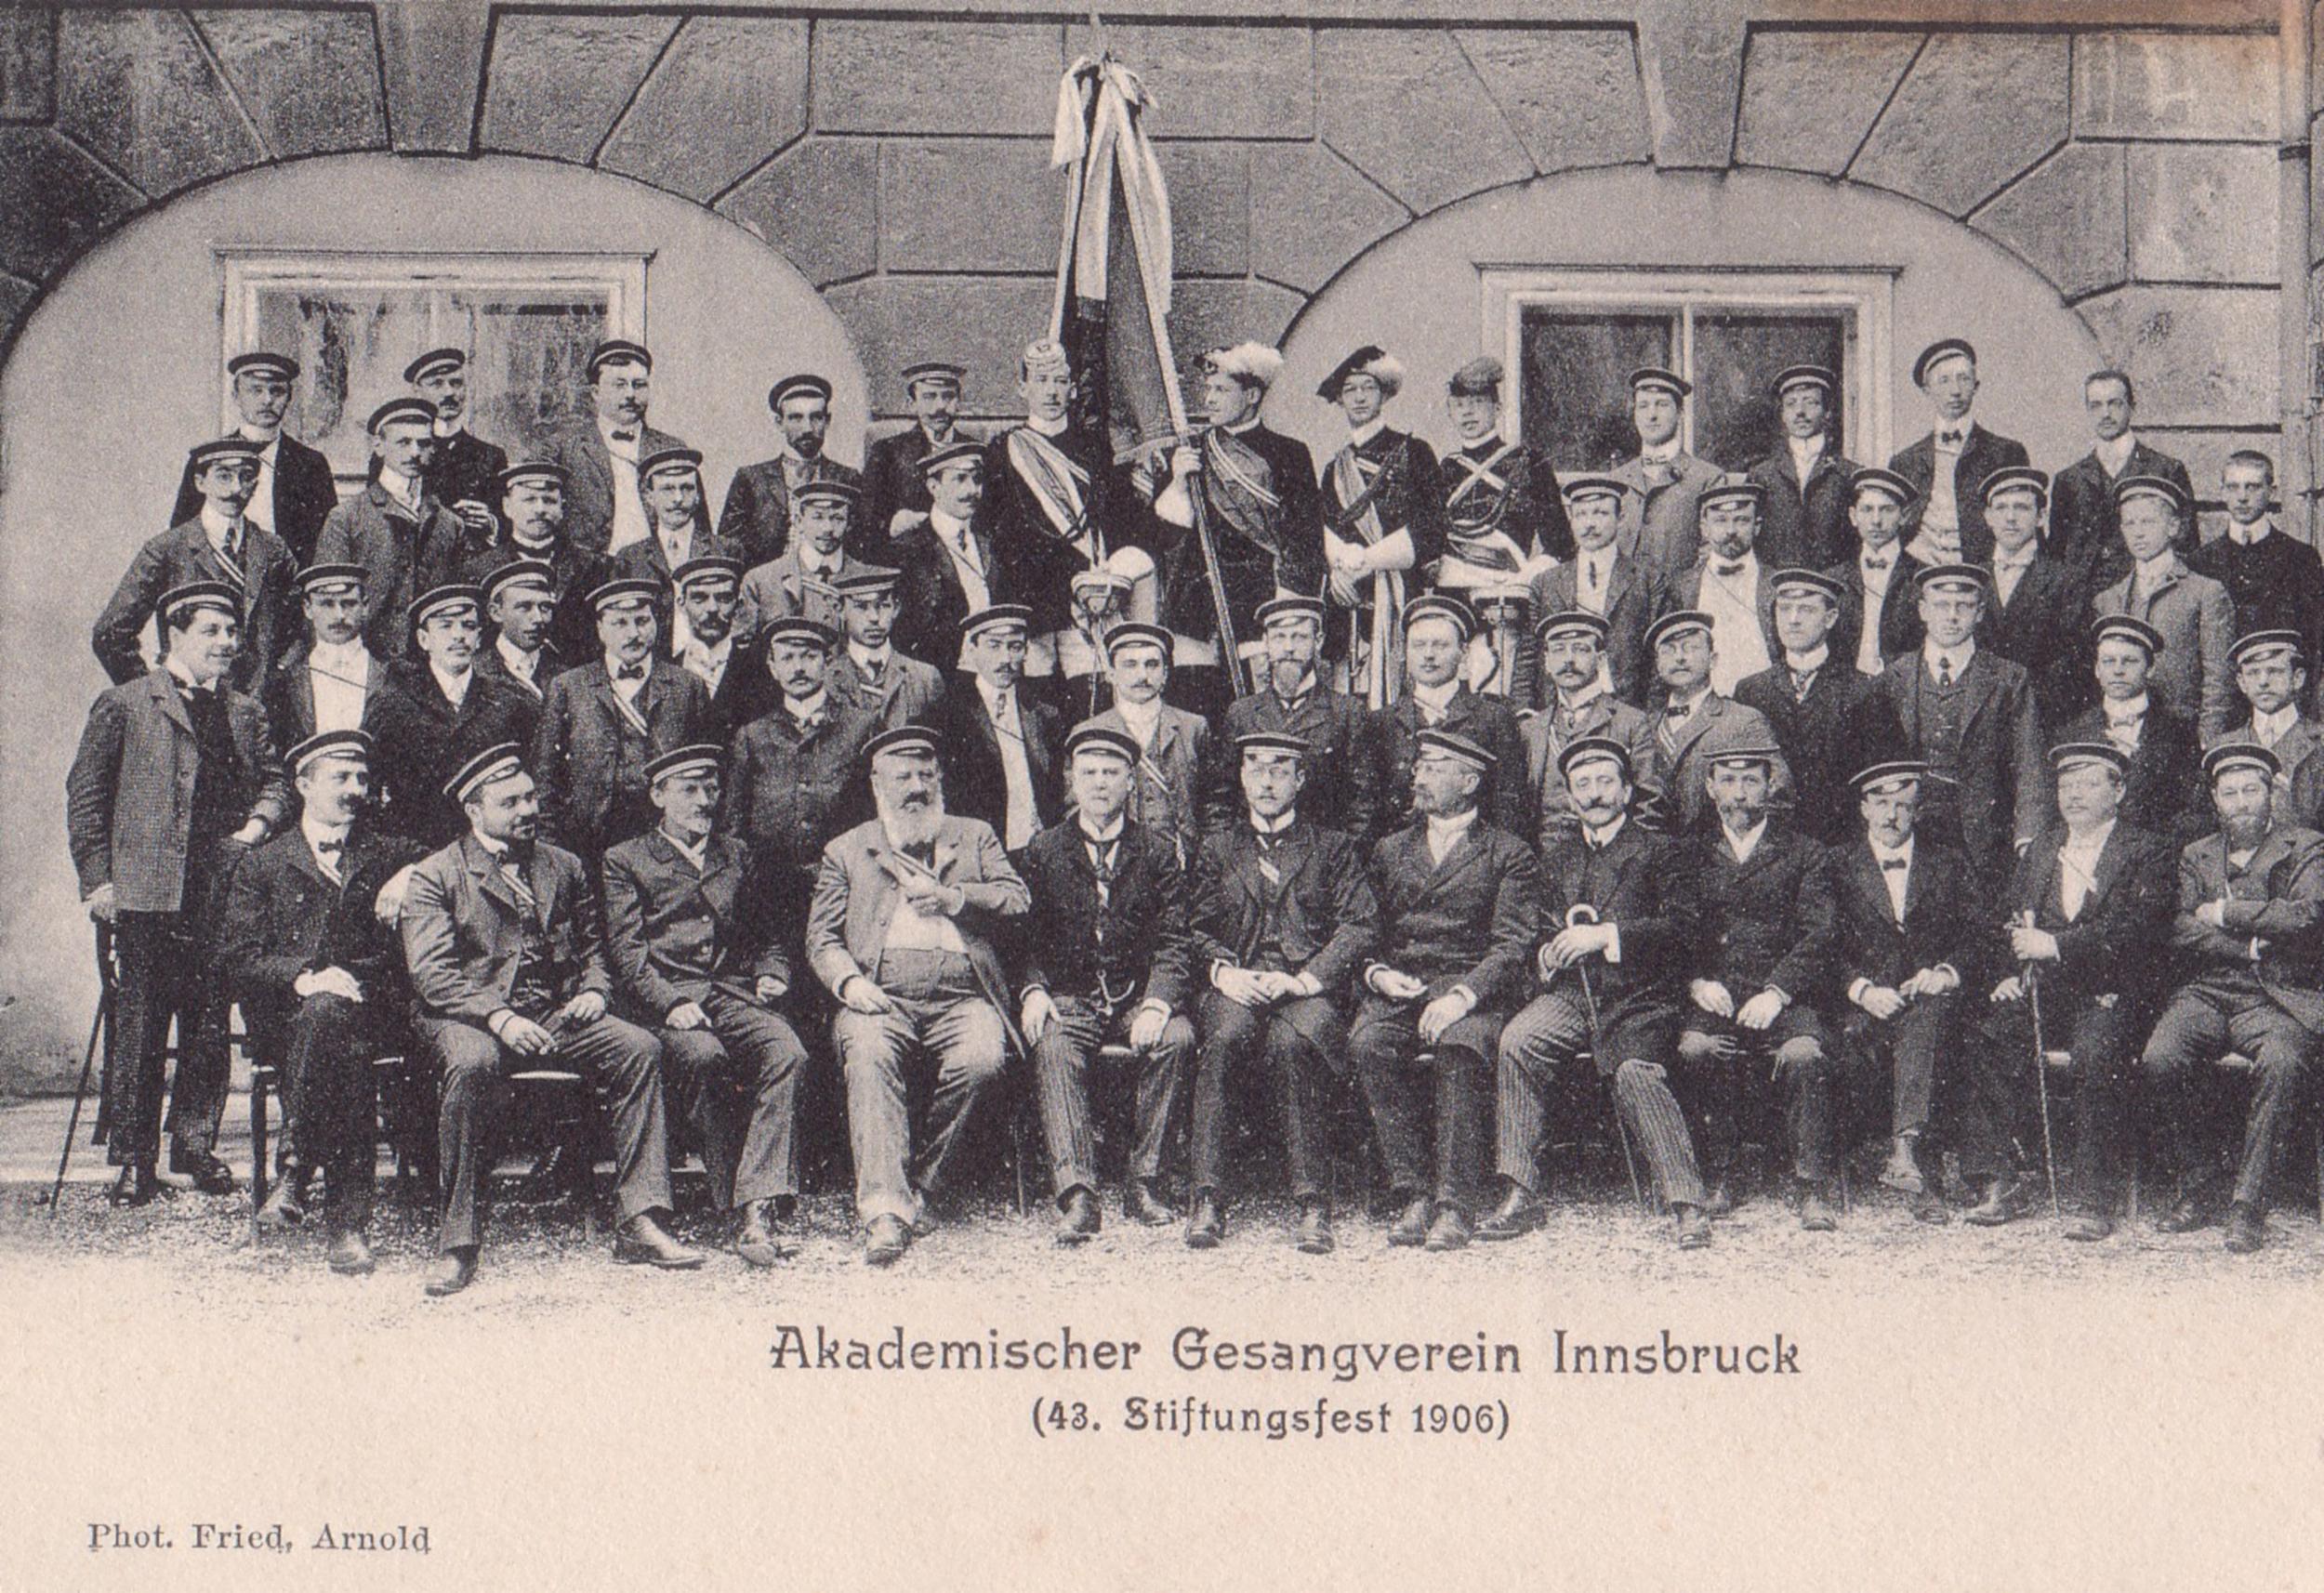 43. Stiftungsfest Des Akademischen Gesangsvereins